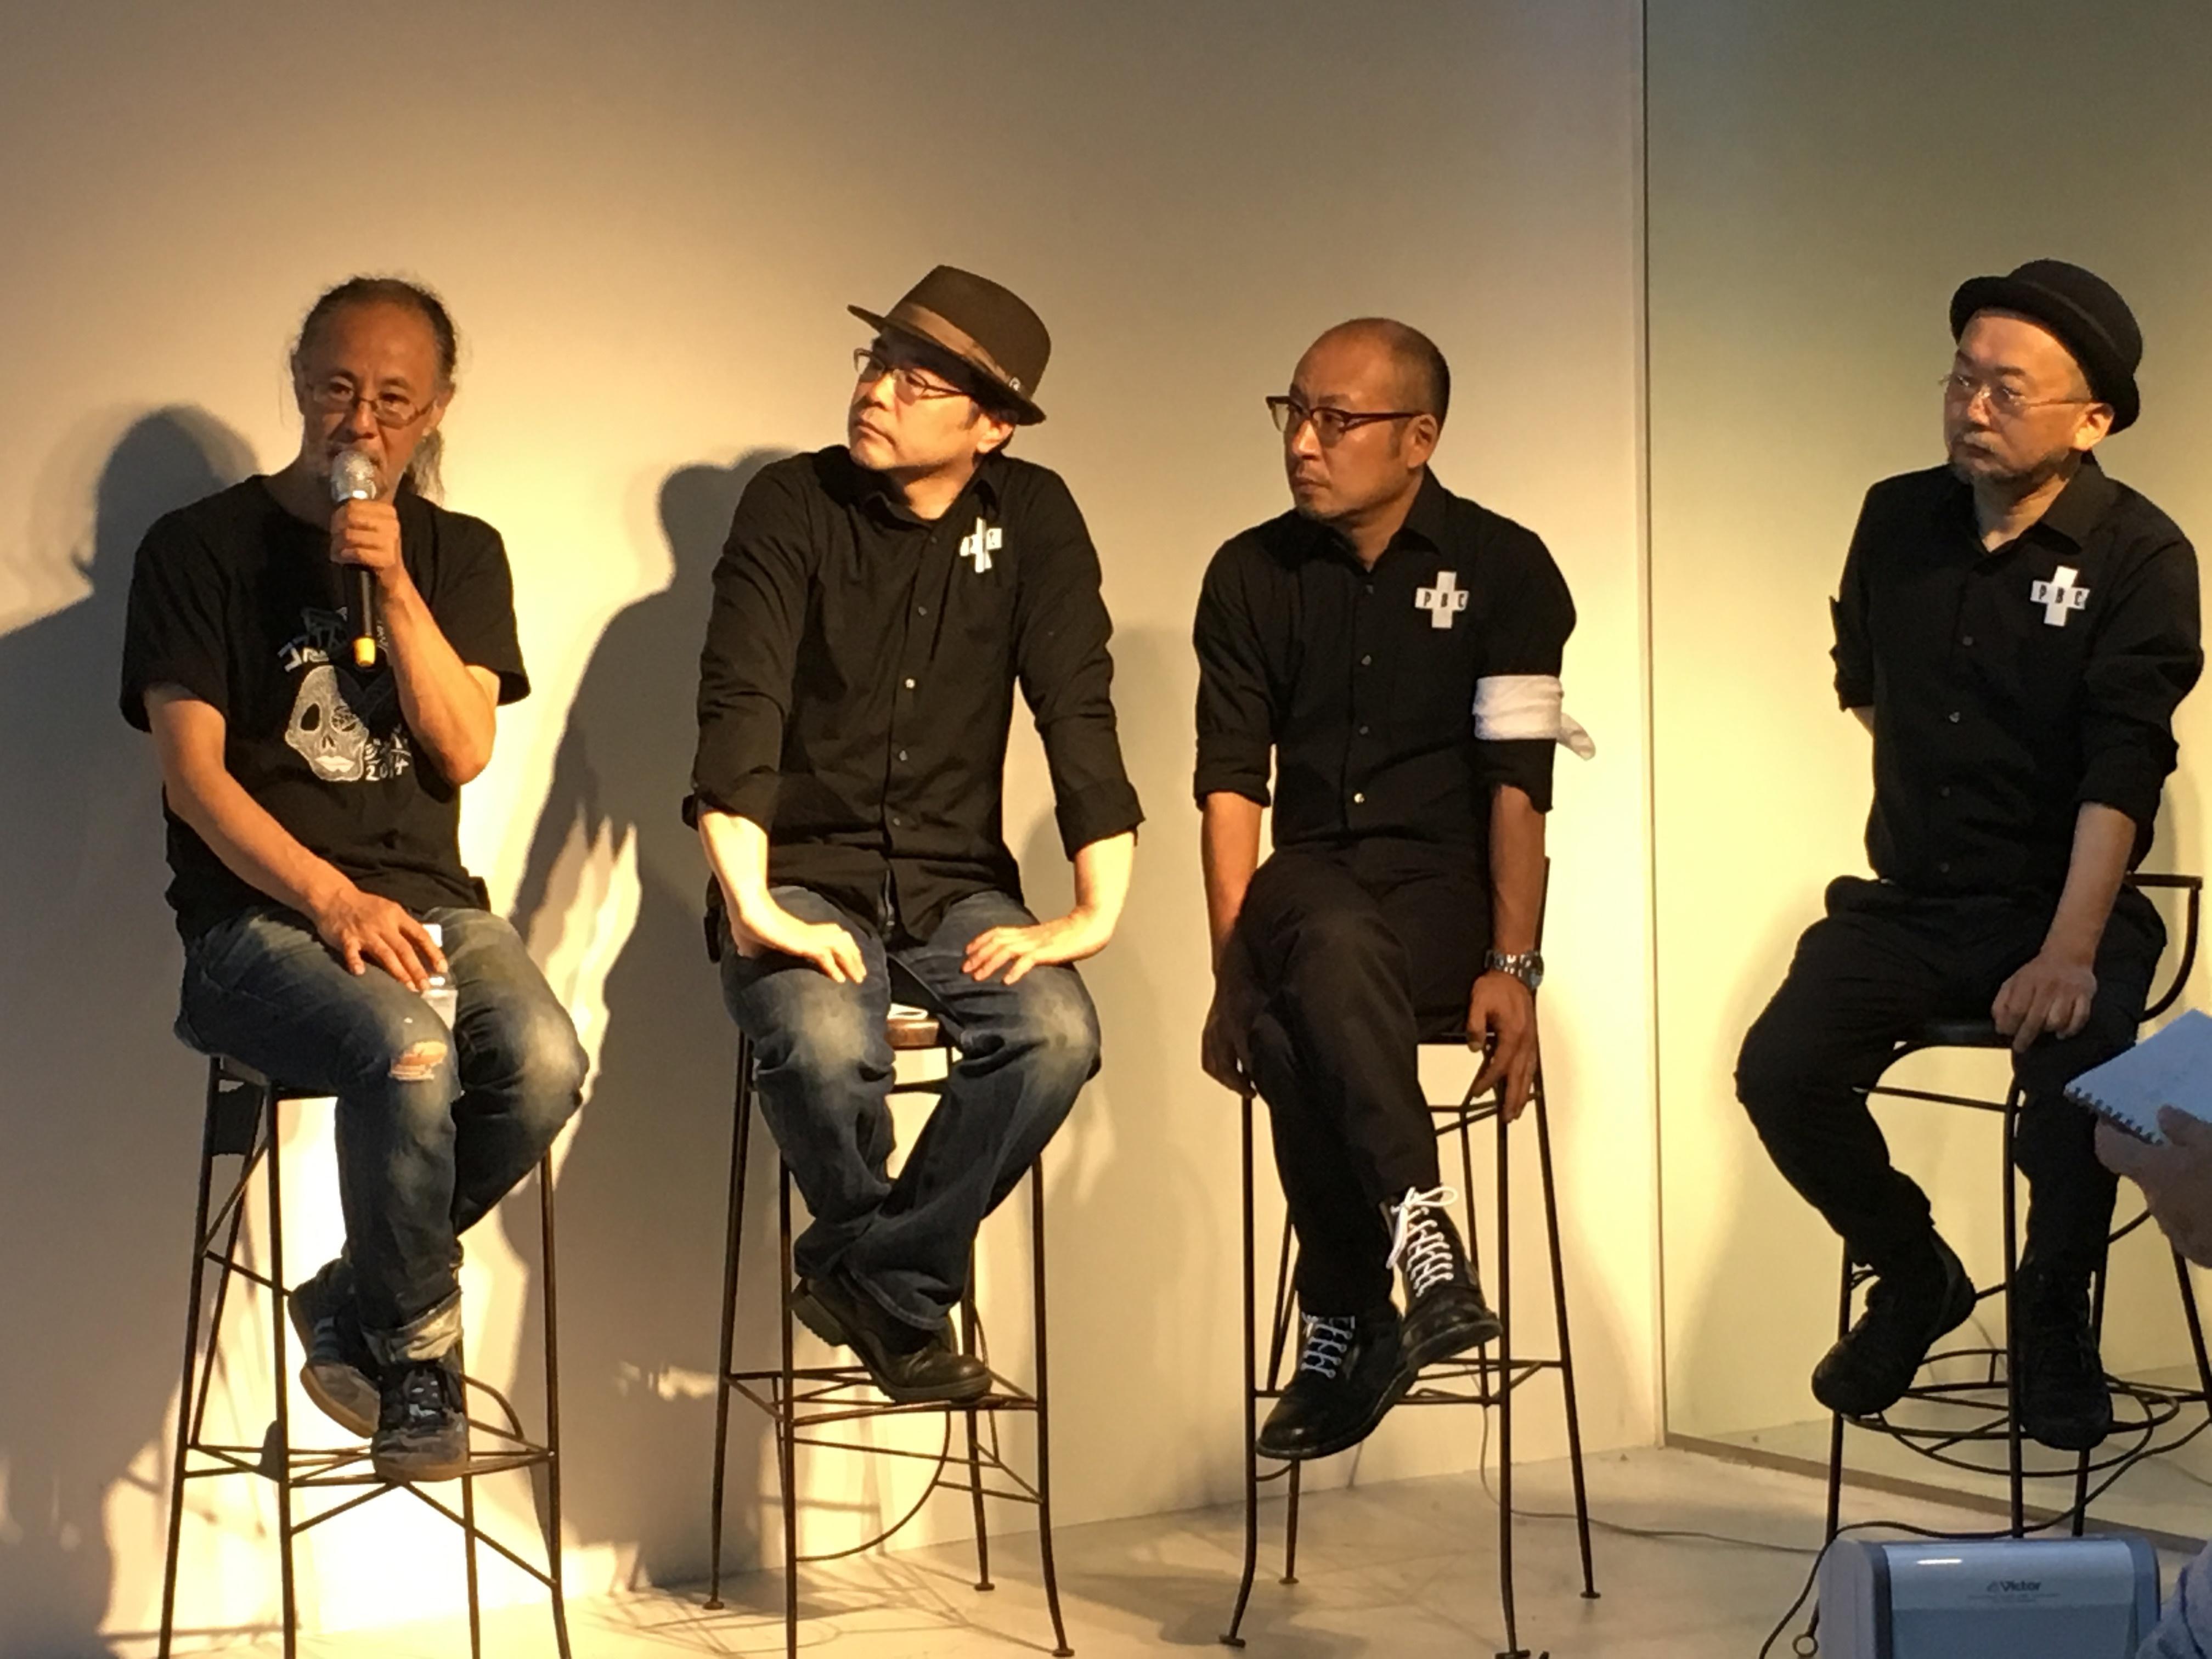 根本敬とPBCのメンバー(左から市川平、松蔭浩之、谷崎テトラ)